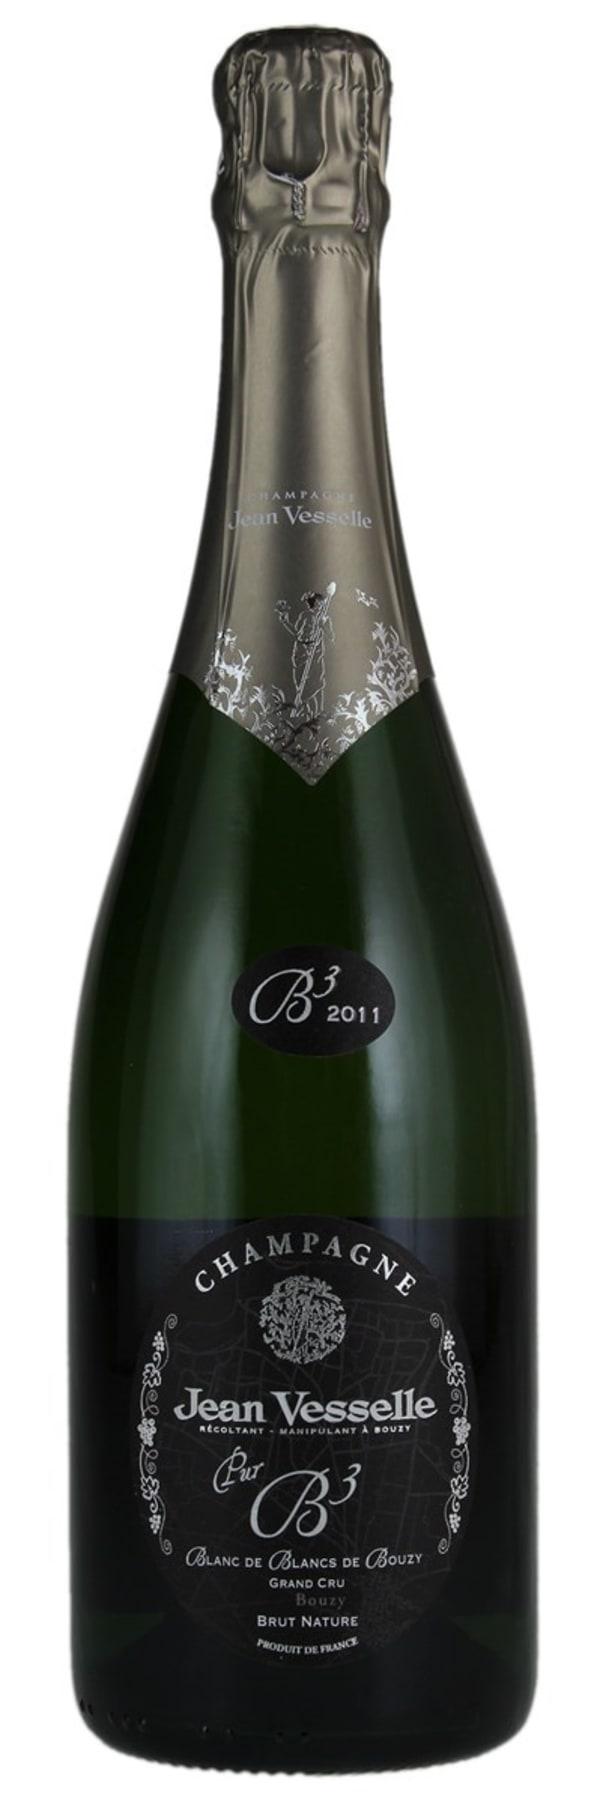 Jean Vesselle Pur B3 Blanc de Blancs de Bouzy Grand Cru Champagne Brut Nature 2012